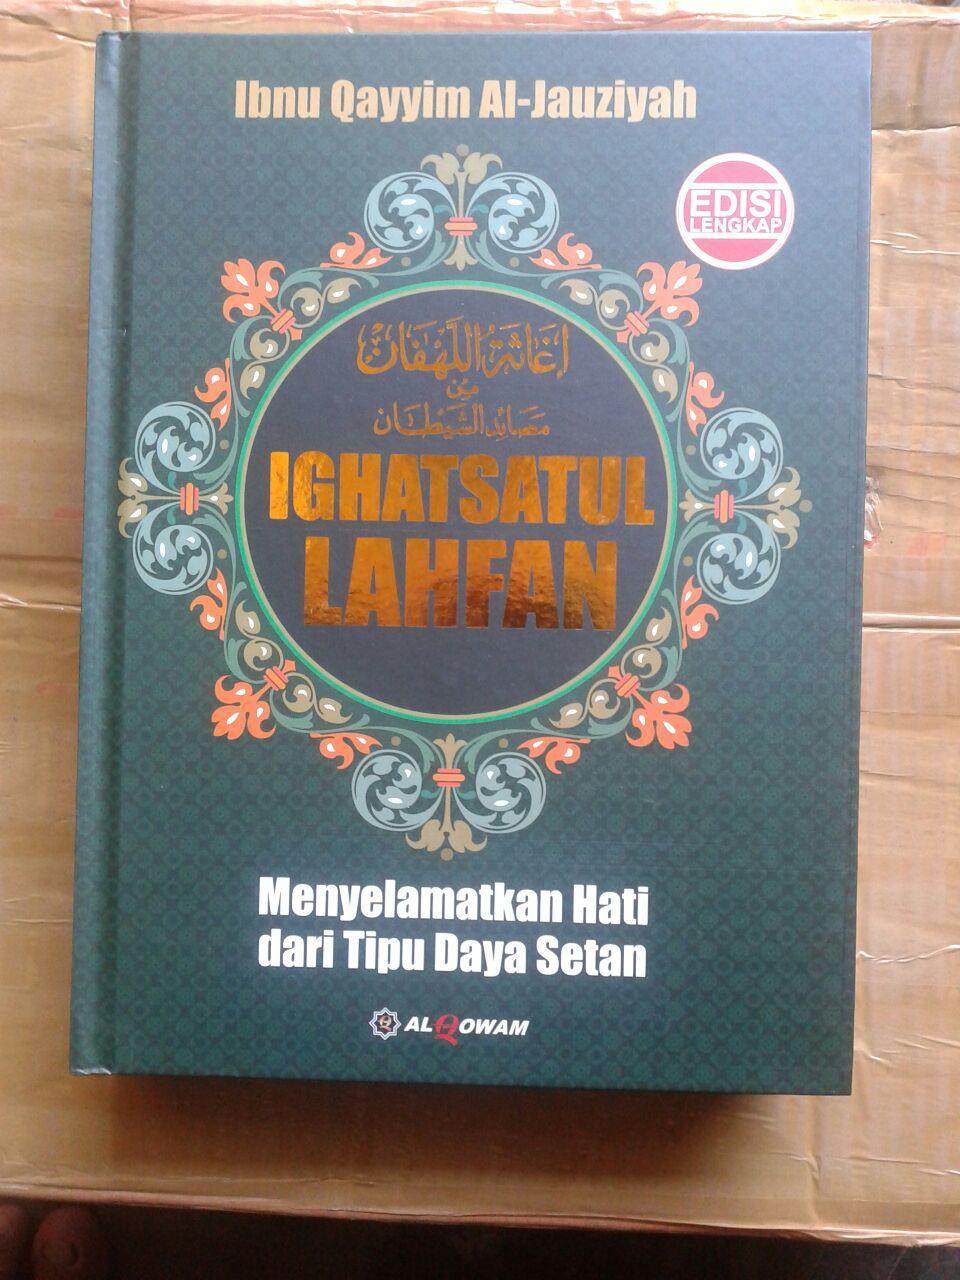 Buku Ighatsatul Lahfan (Menyelamatkan Hati Dari Tipu Daya Setan) cover